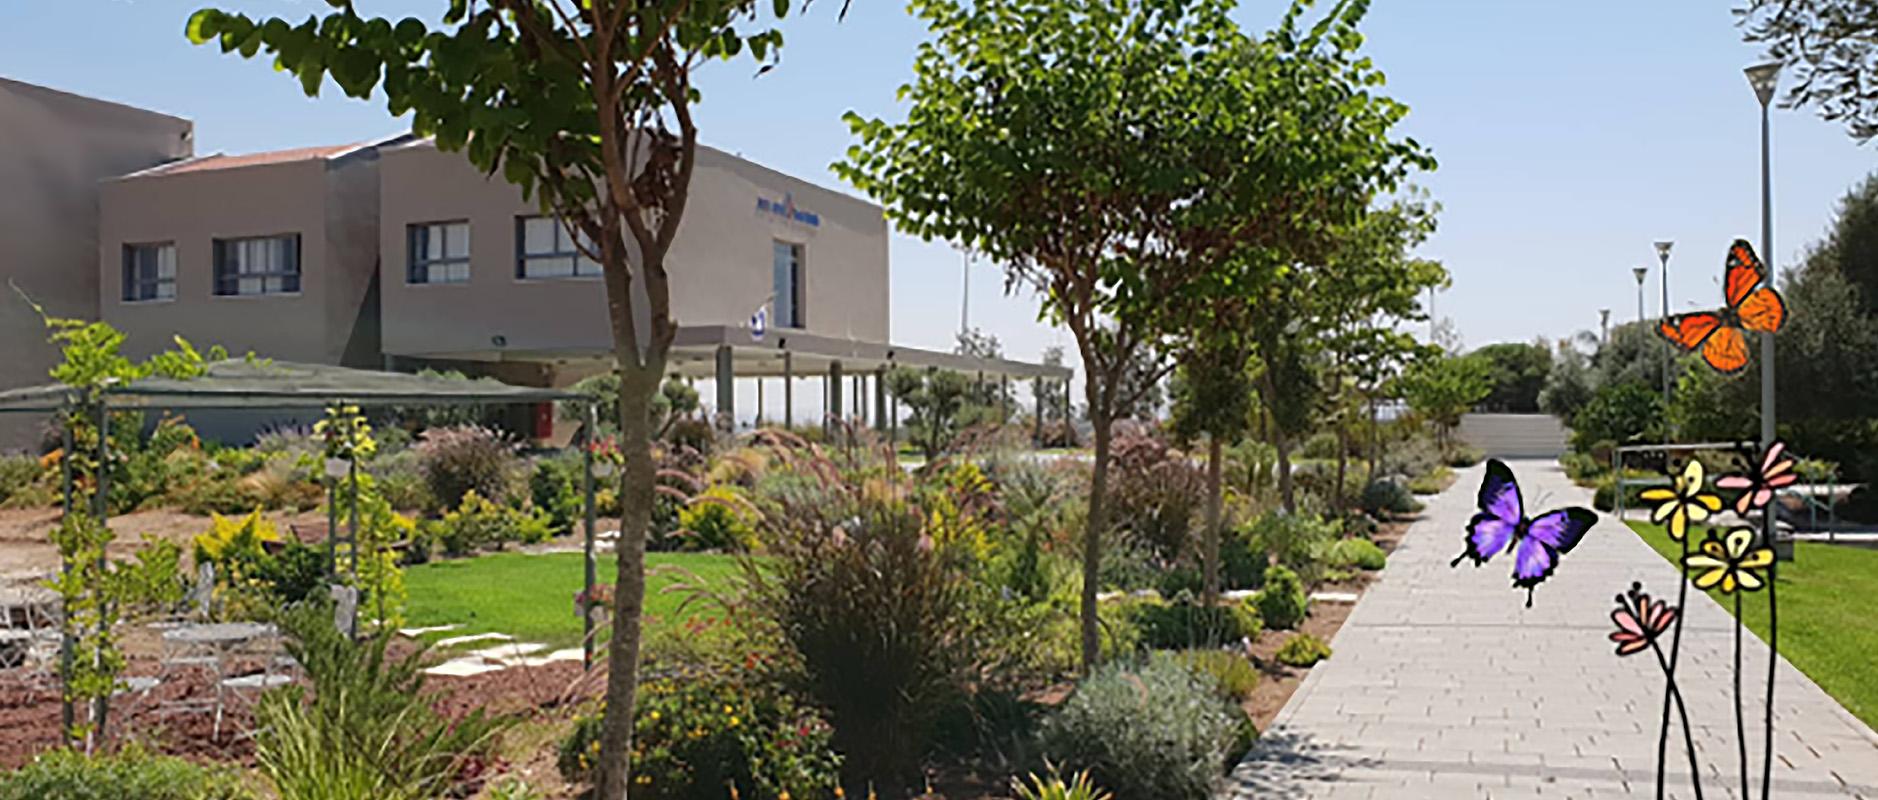 Beit Ruth - campus pathway